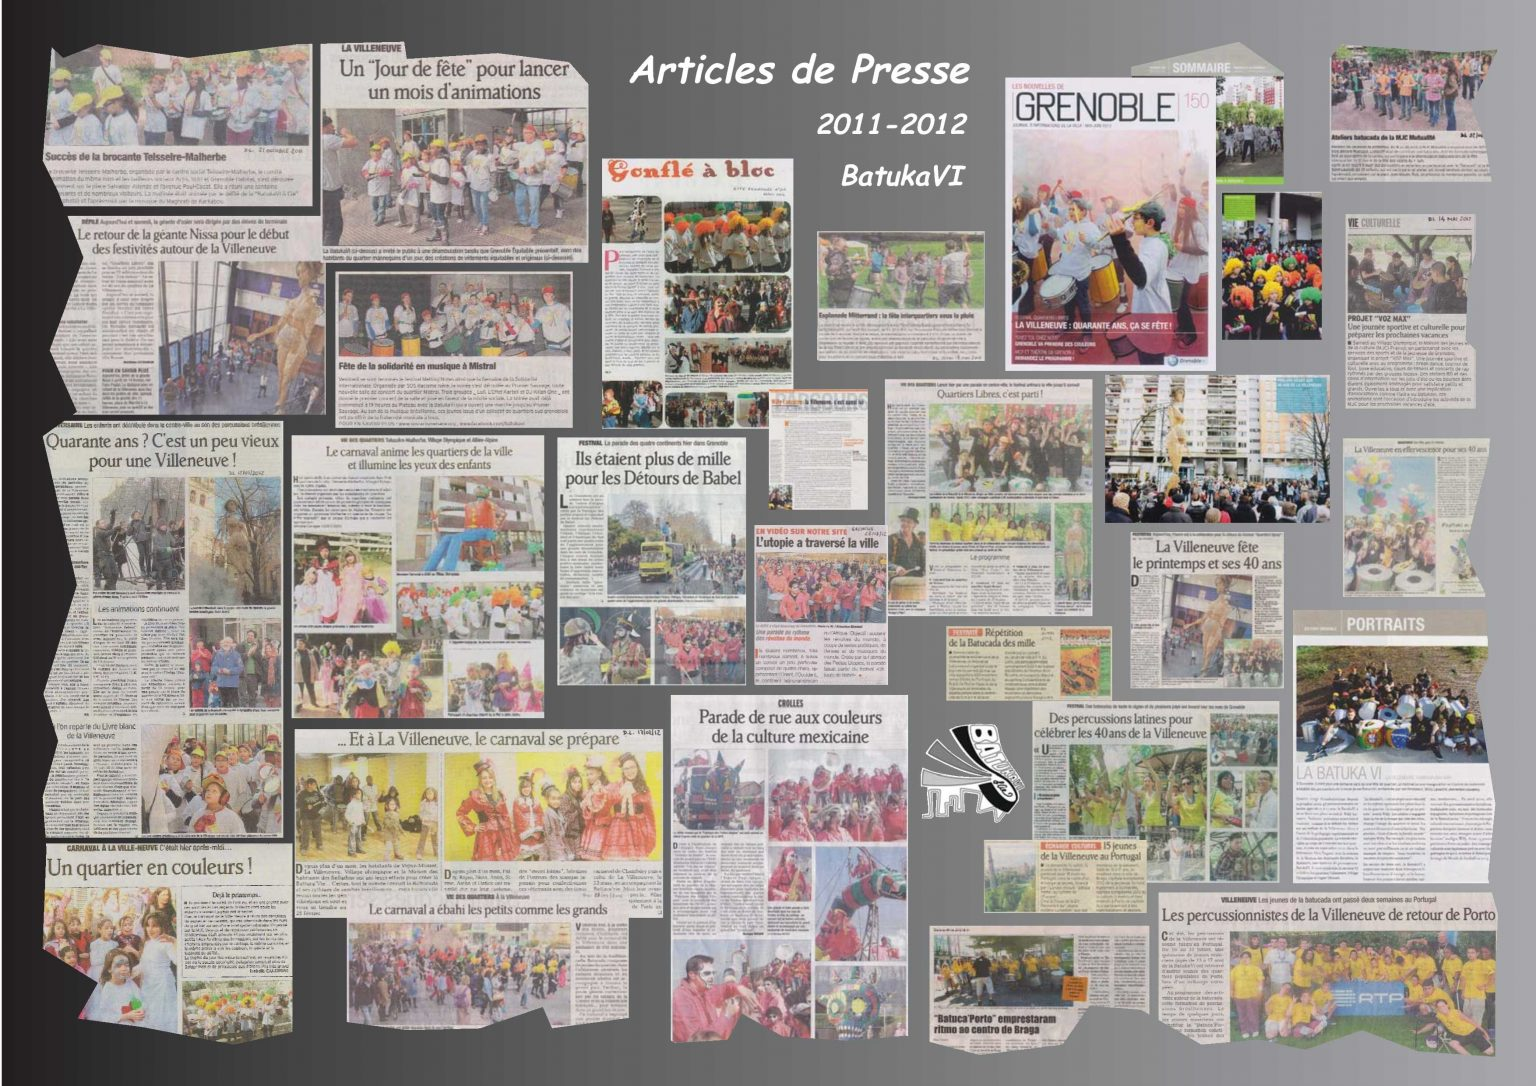 BatukaVI - Panneau Articles 2012-09 Année Scolaire 2011-2012 (Réduit)